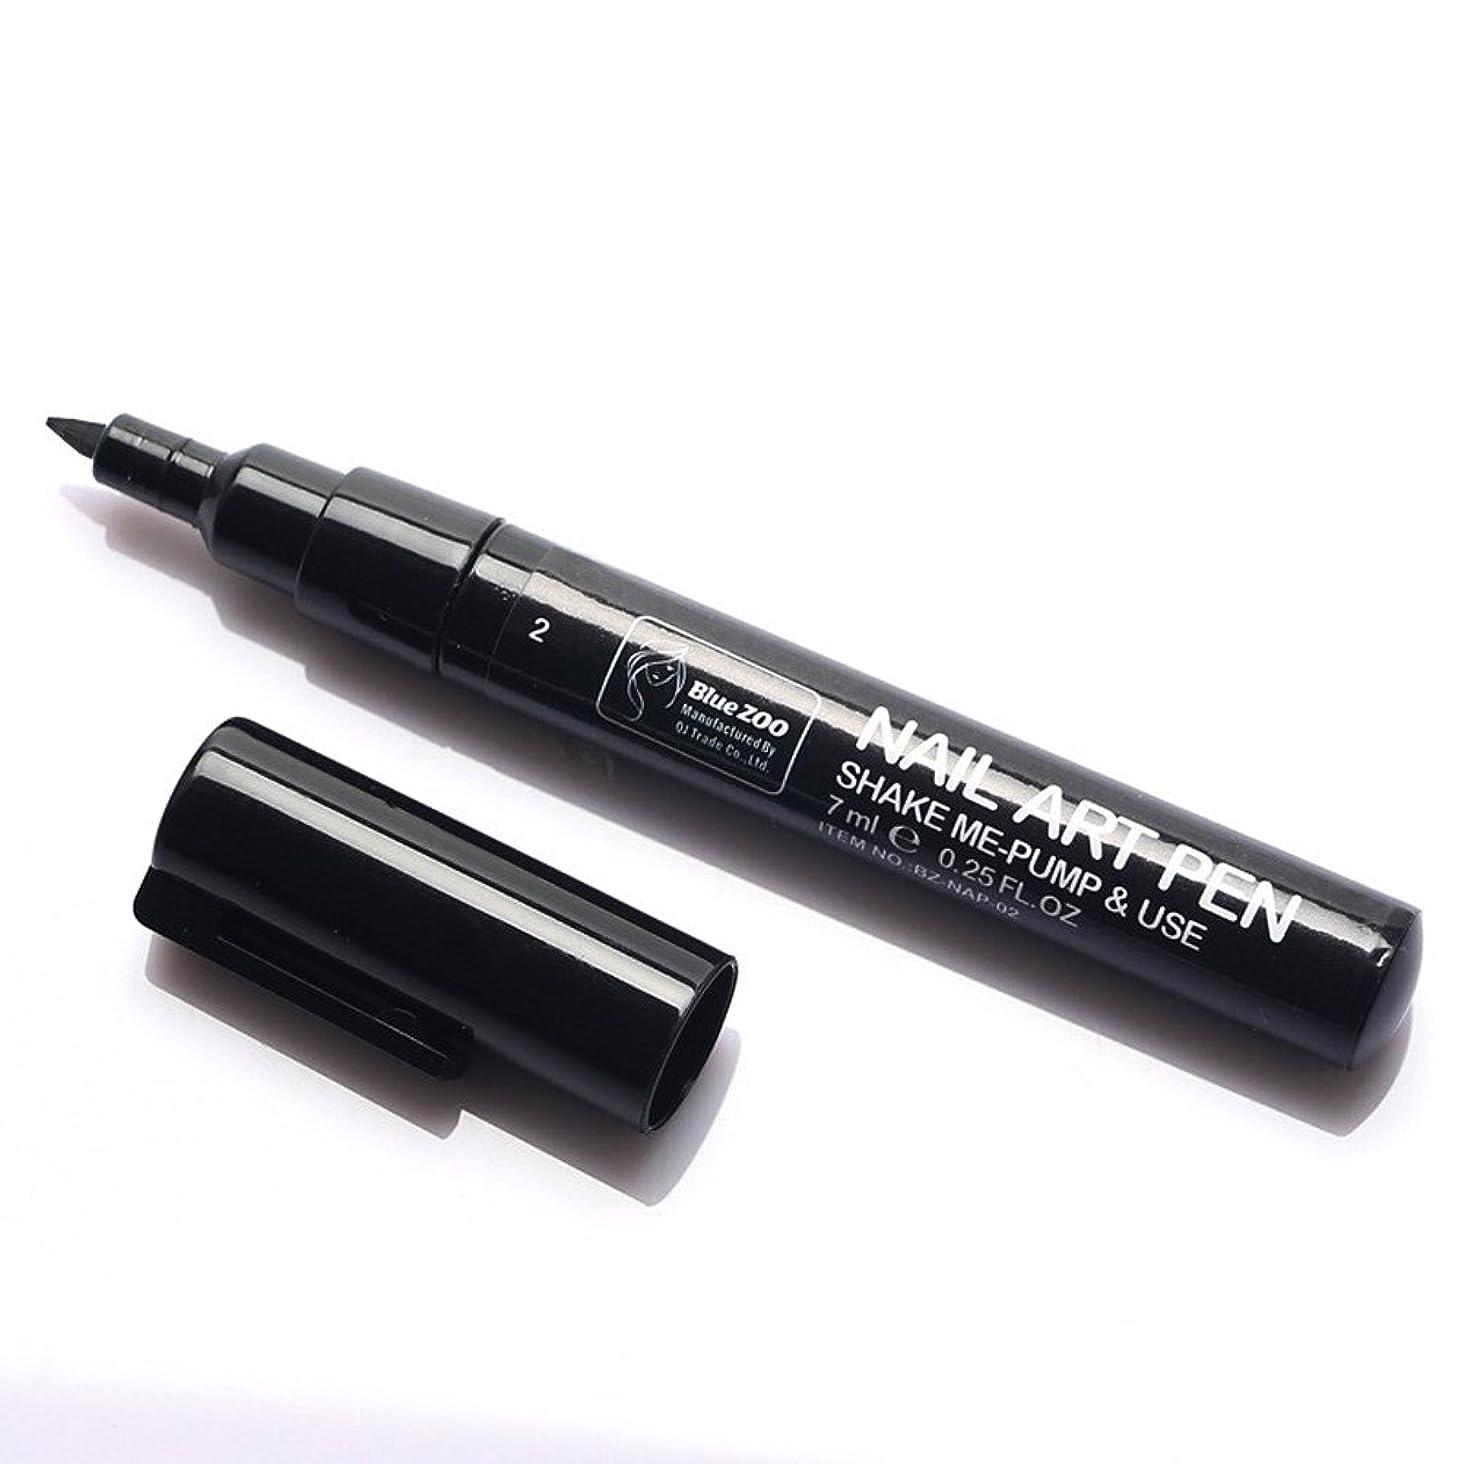 遺産刑務所ピース(メイクアップエーシーシー) MakeupAcc カラーネイルアートペン 3Dネイルペン ネイルアートペン ネイルマニキュア液 ペイントペン ペイント 両用 DIY 16色 (黒い) [並行輸入品]